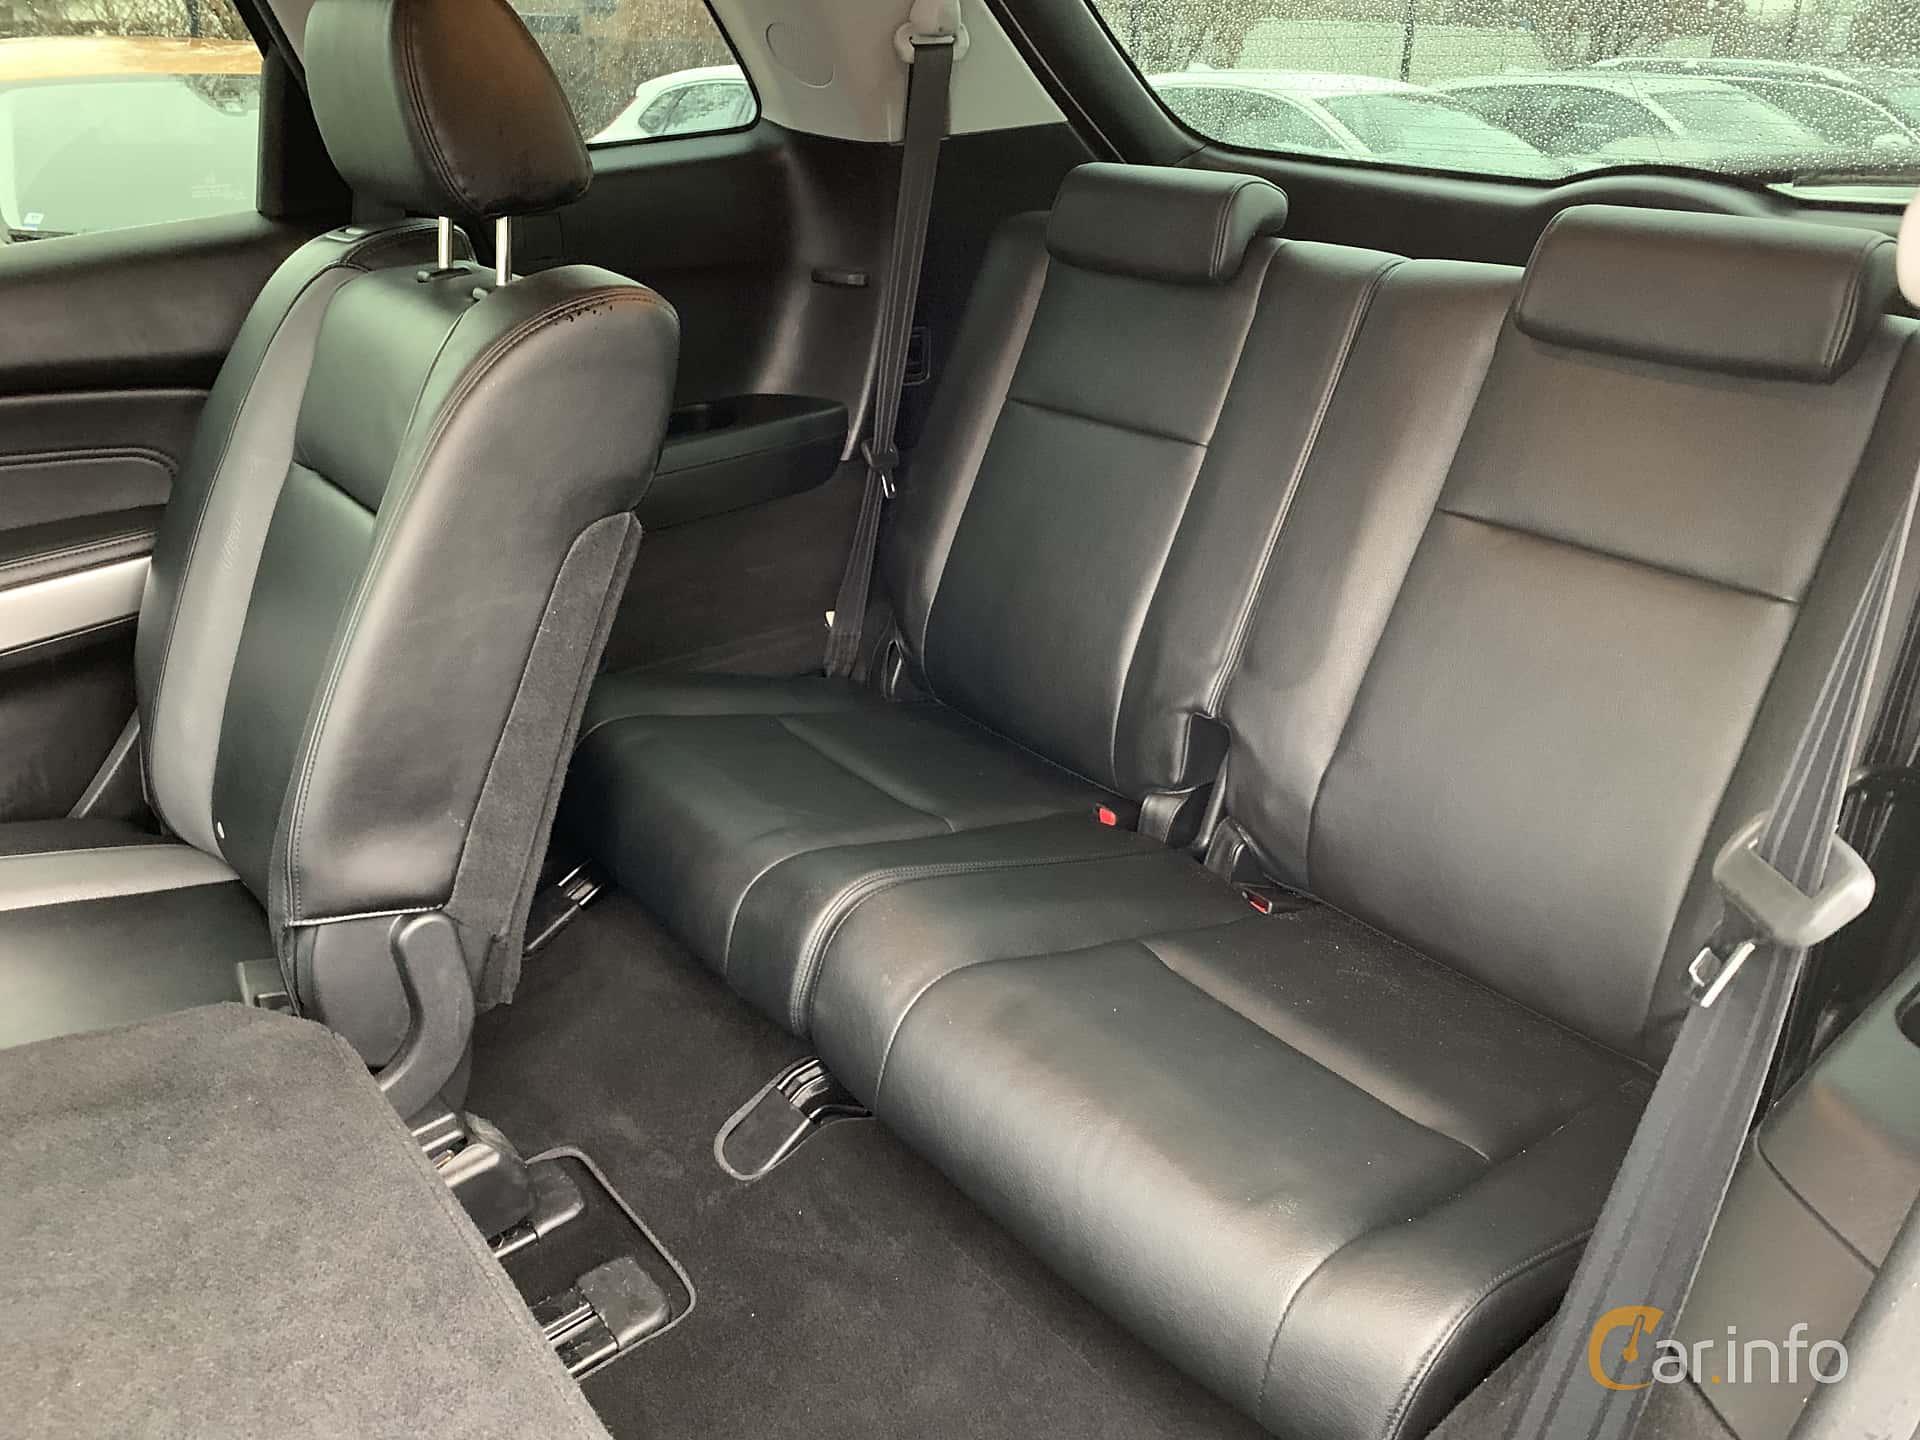 Interior of Mazda CX-9 3.7 AWD Automatic, 276ps, 2008